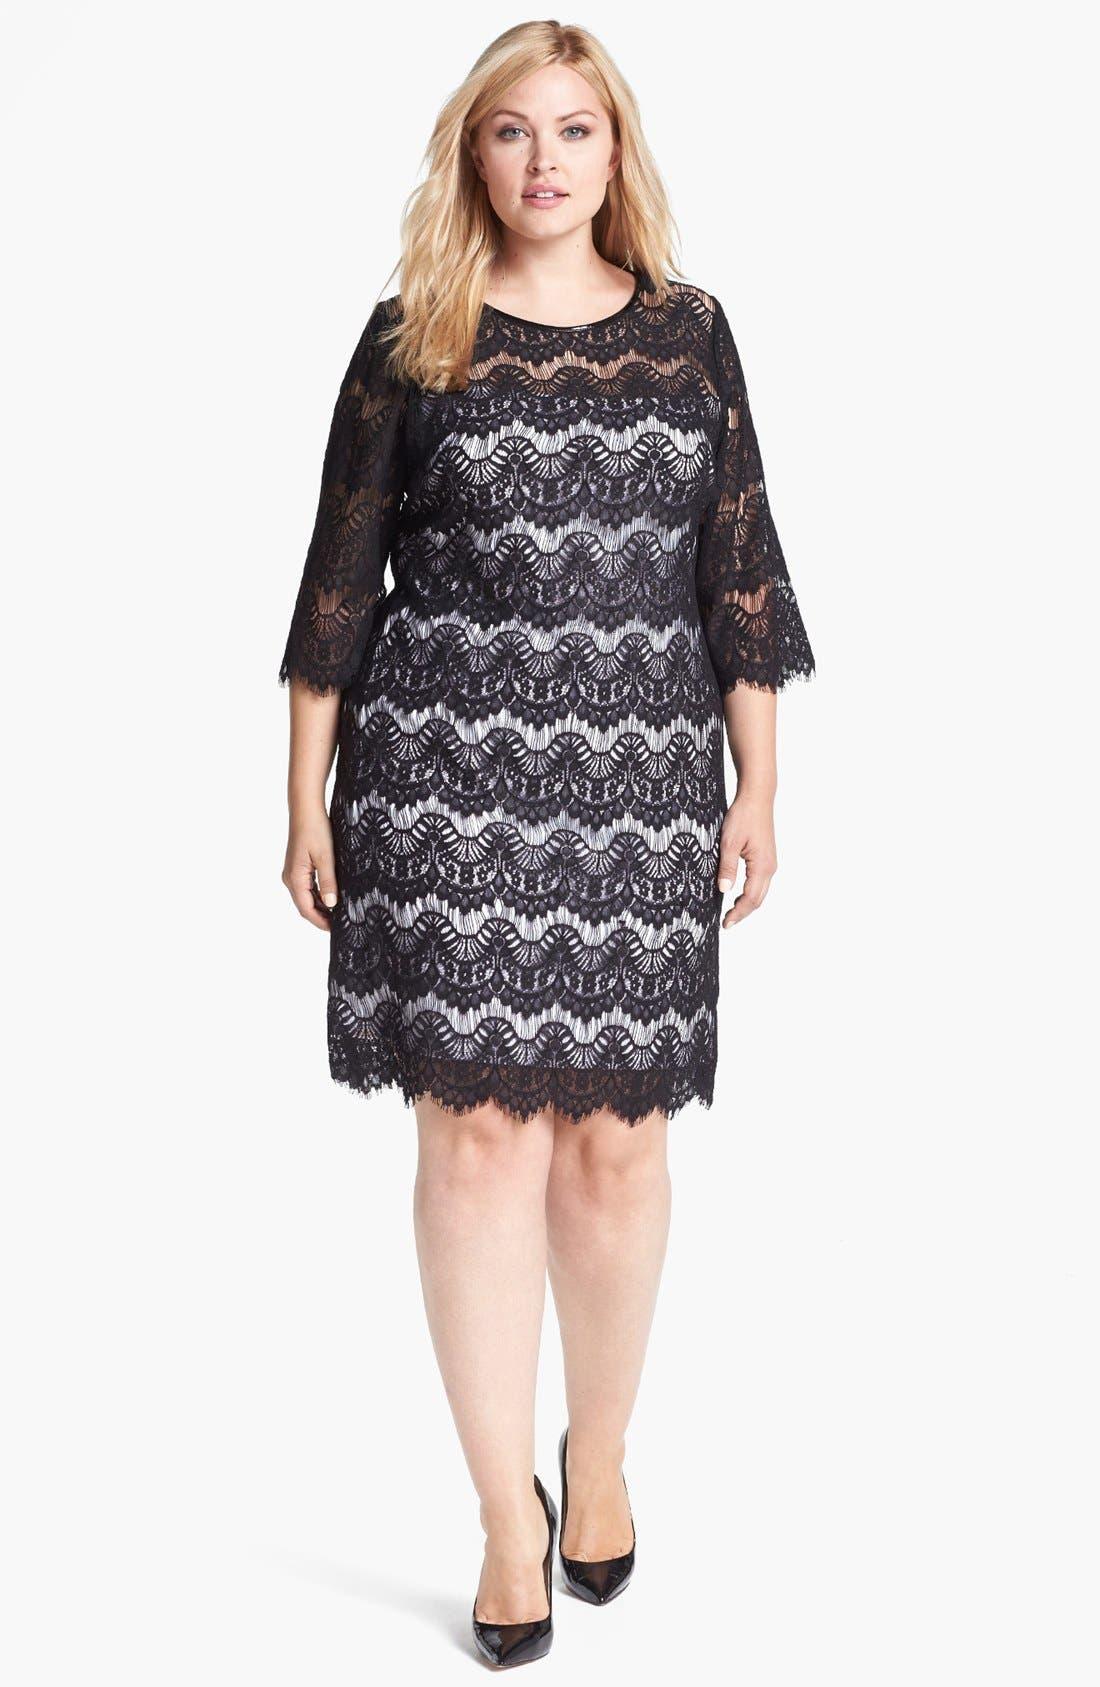 Main Image - Calvin Klein Faux Leather Trim Lace Dress (Plus Size)